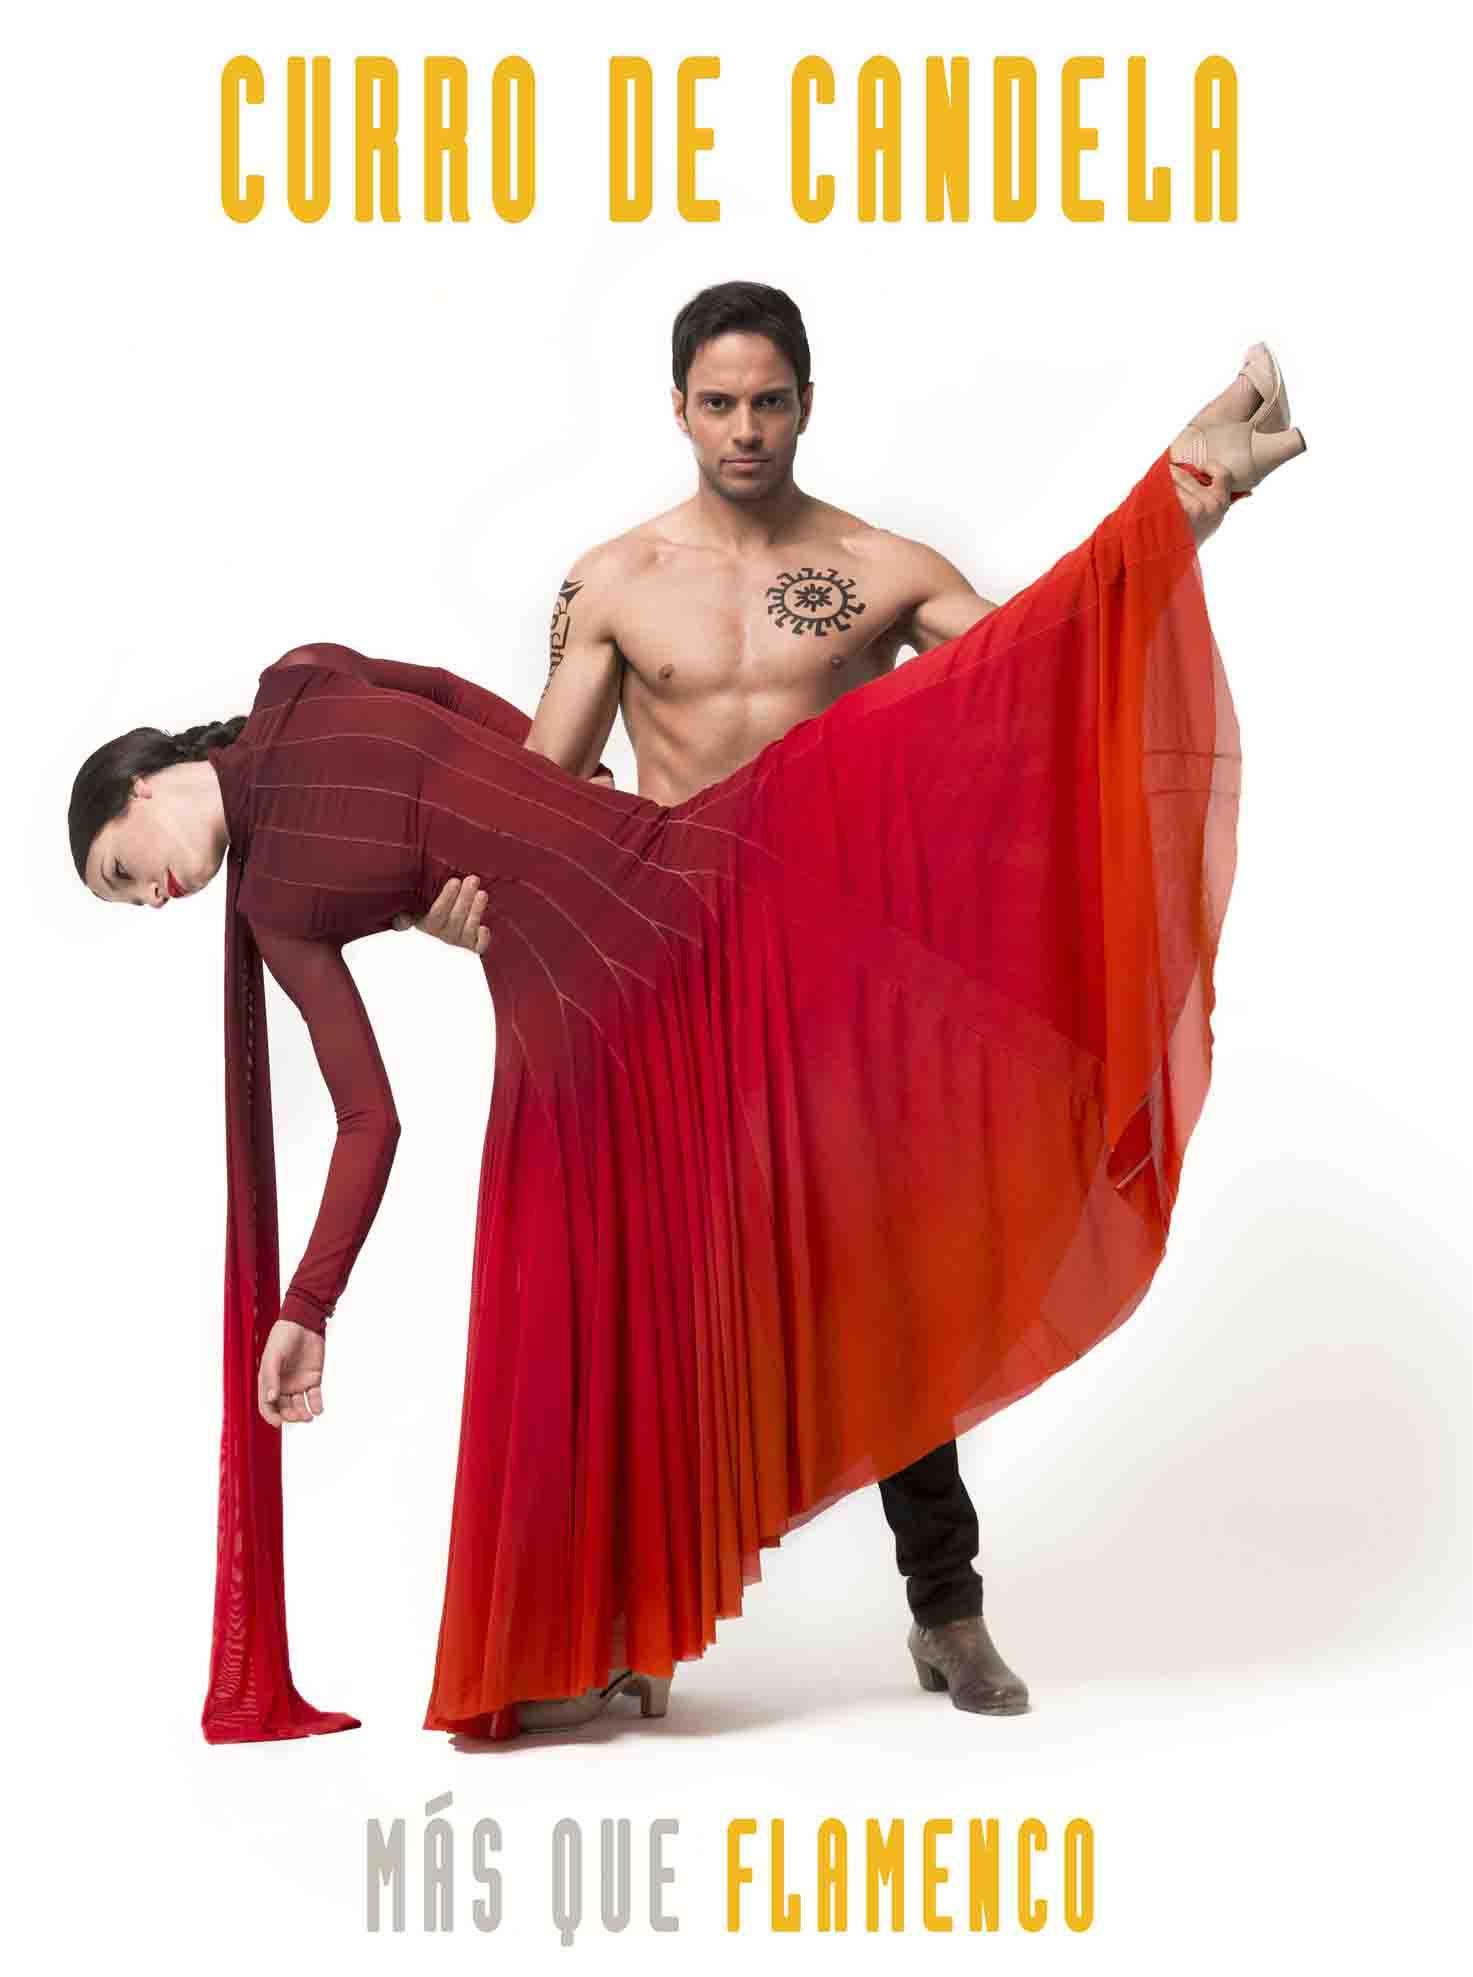 3 de Marzo: Más que flamenco. Curro de Candela